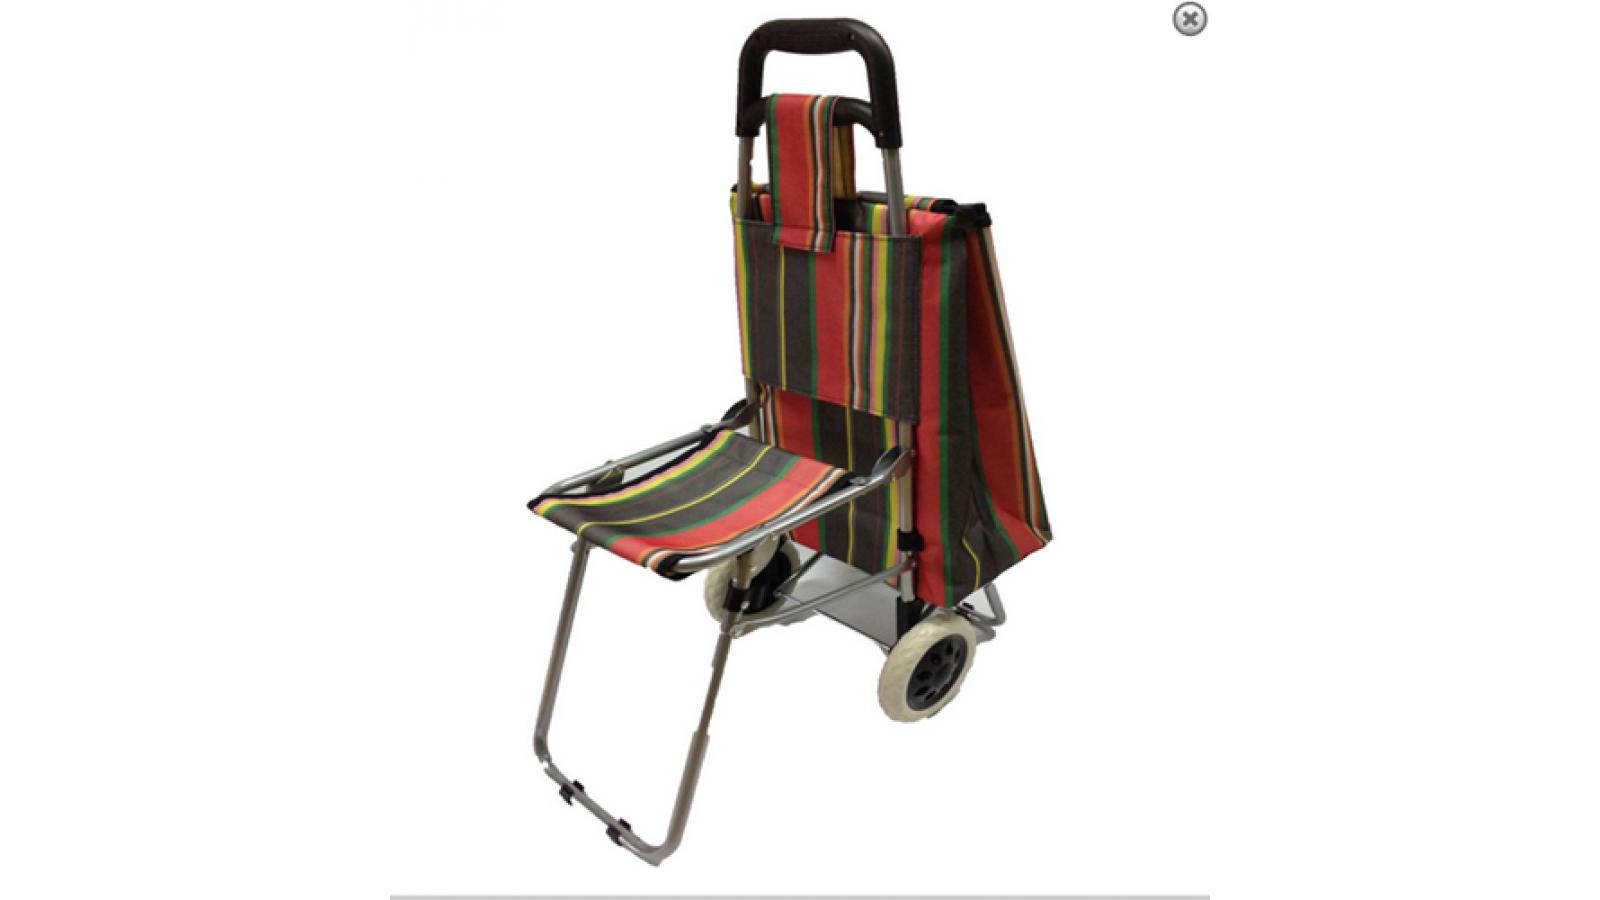 Carro de feria super práctico con silla !!!